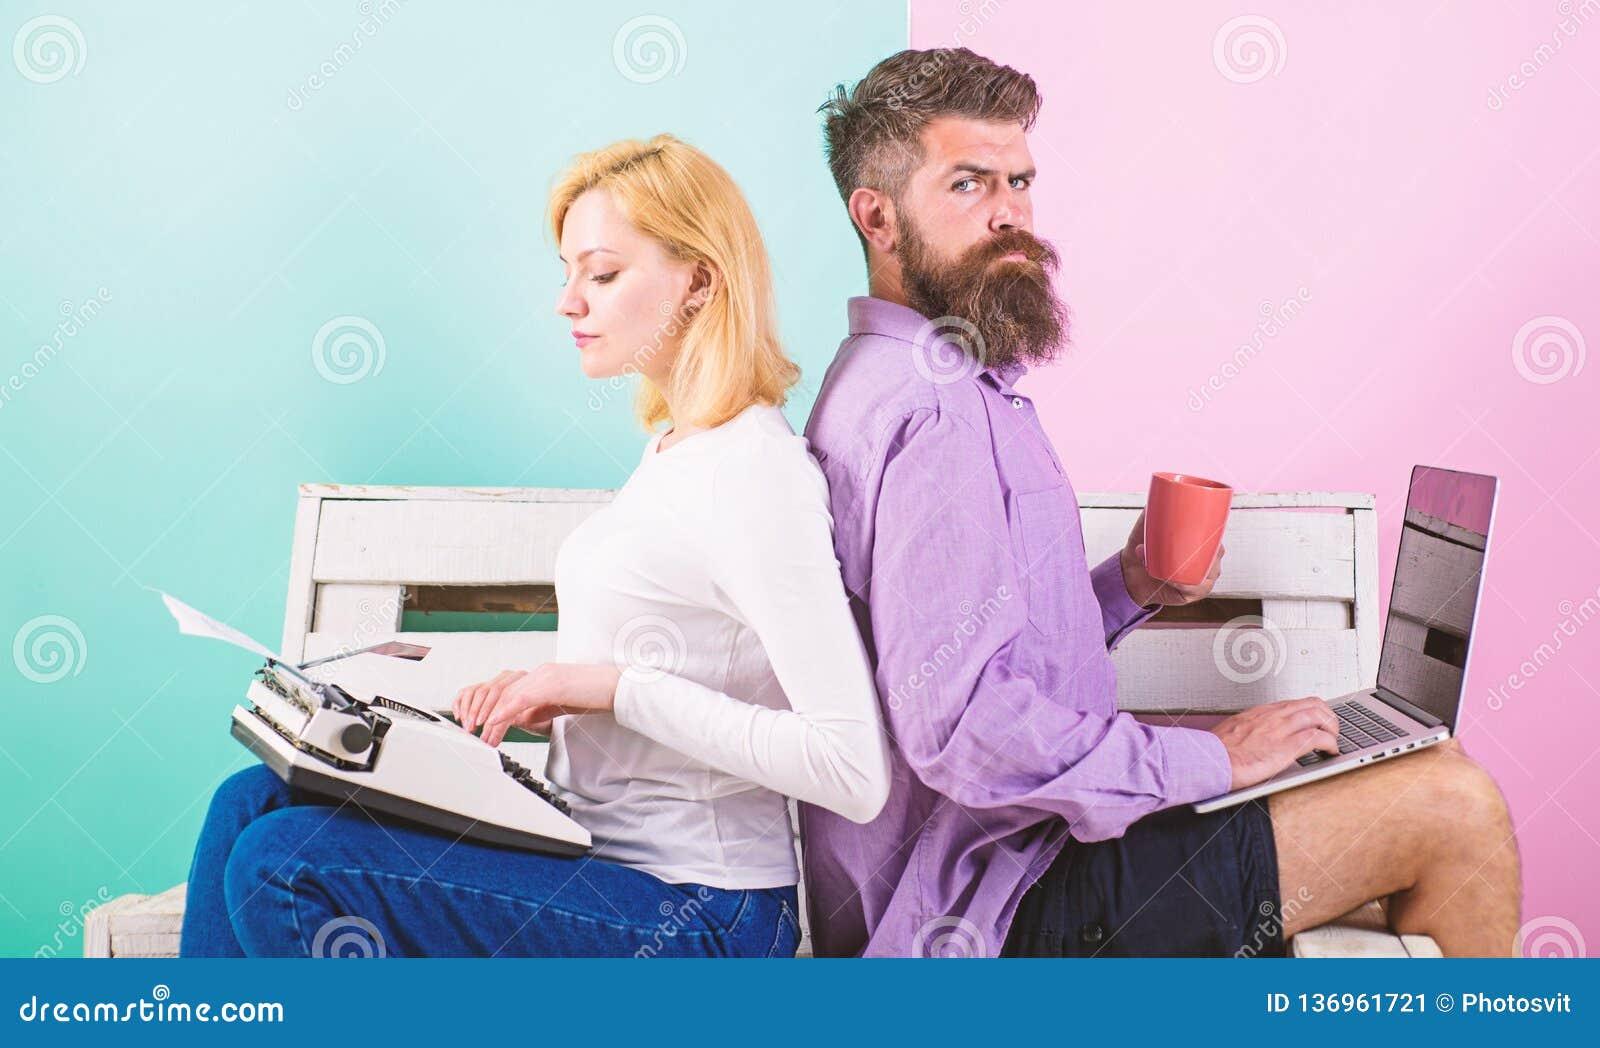 Gammalmodigt mot modernt, omodernt mot nytt Fungerar den moderna stilfulla bärbara datorn och kvinnan för manarbetsbruk den retro